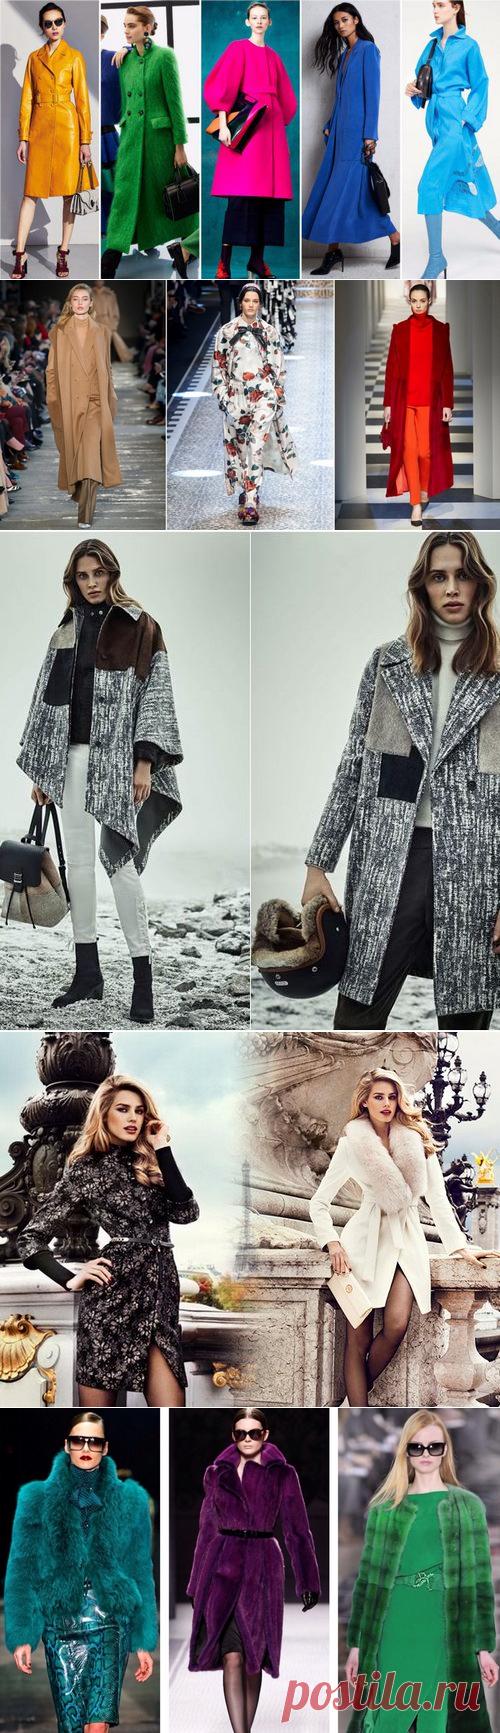 Тенденции моды осень-зима 2017-2018: модные фасоны одежды, новинки, идеи образов